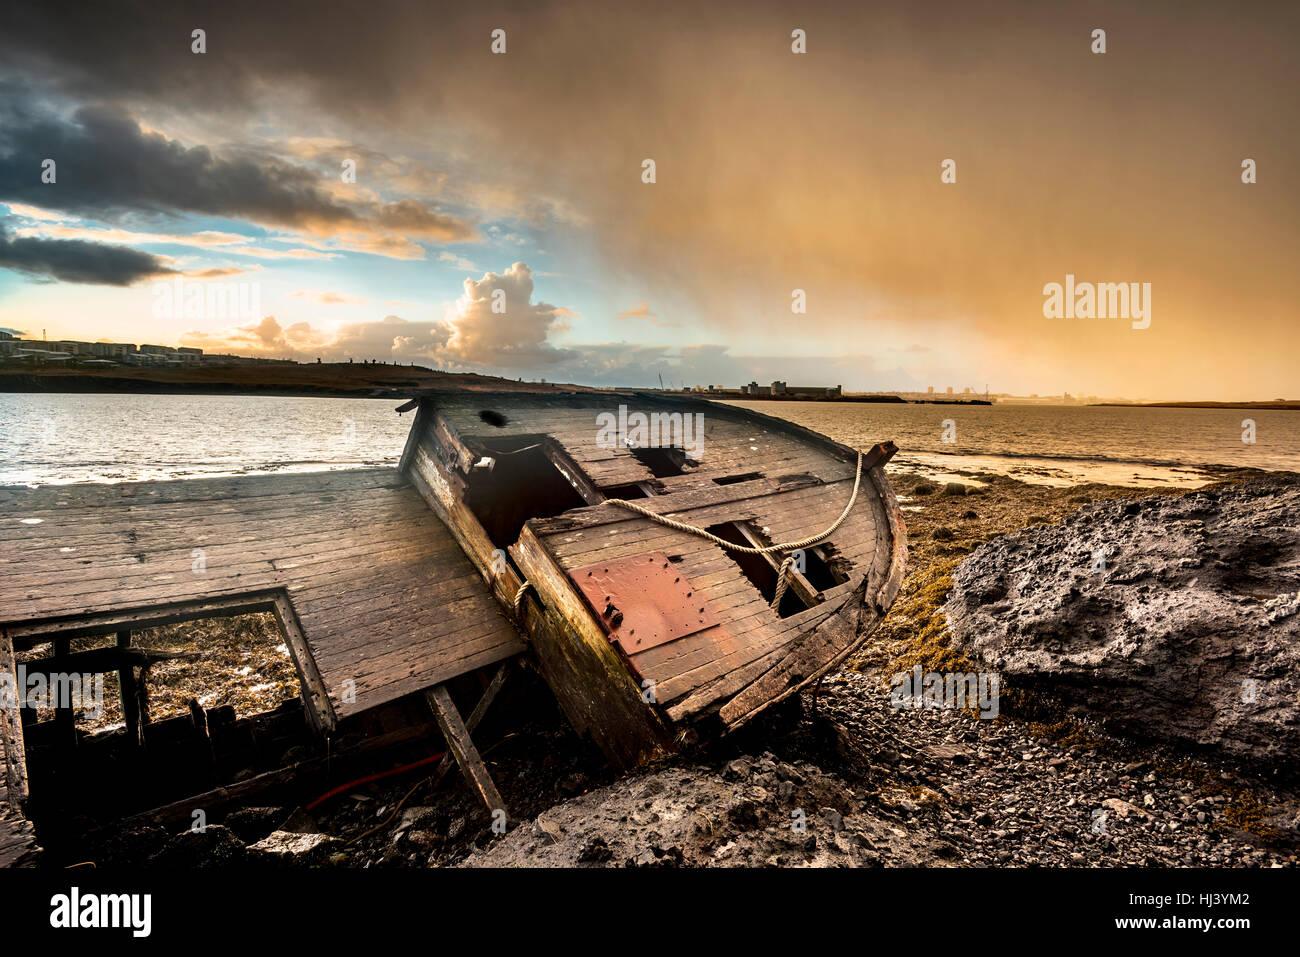 Un viejo barco de pesca abandonados desde el 1900 descansa sobre una playa remota como se pudre, exponiendo las Imagen De Stock